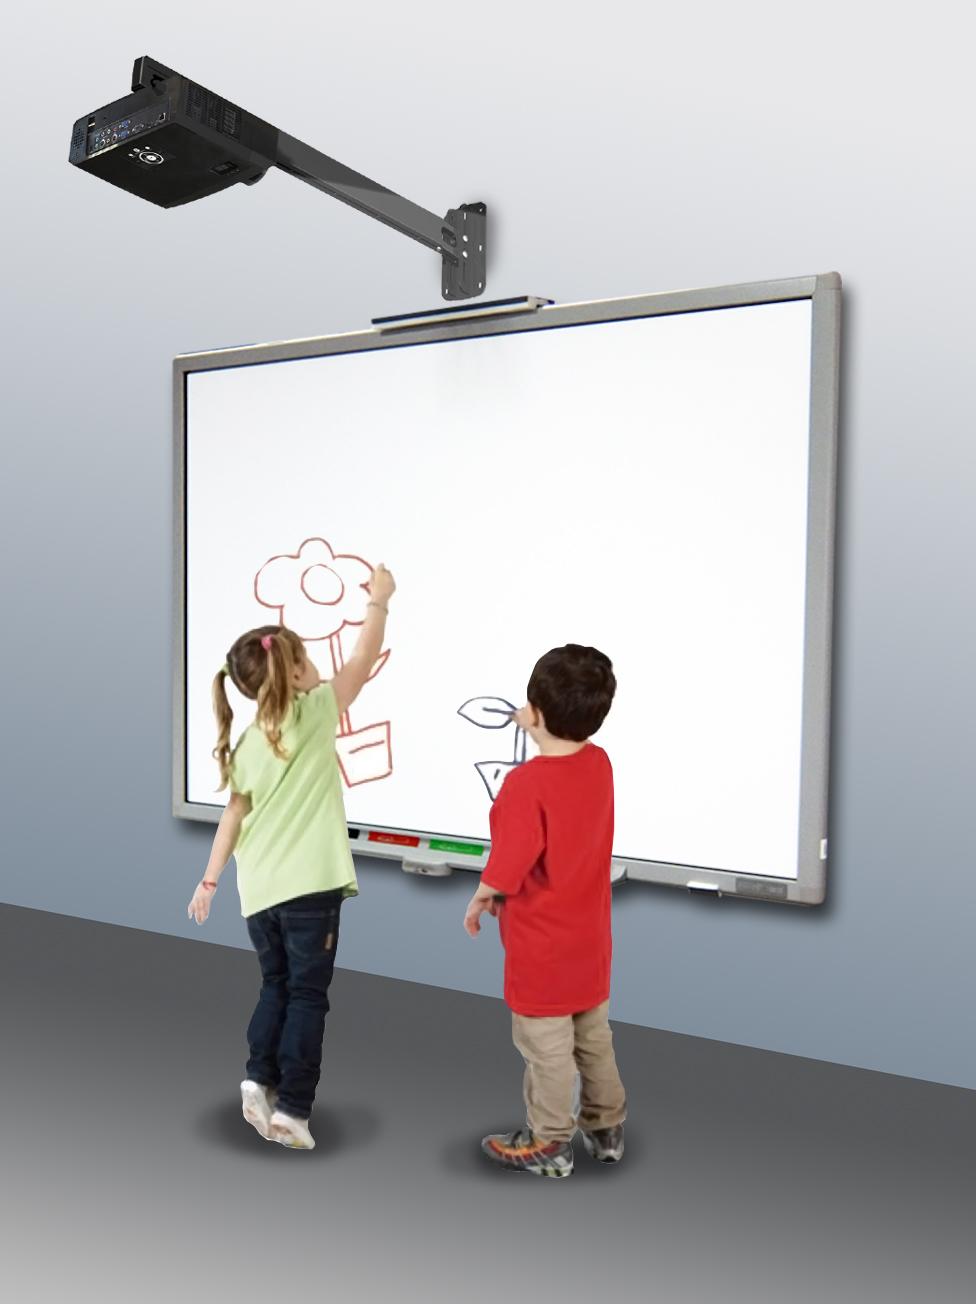 Интерактивный - это какой? интерактивное тв. интерактивное обучение